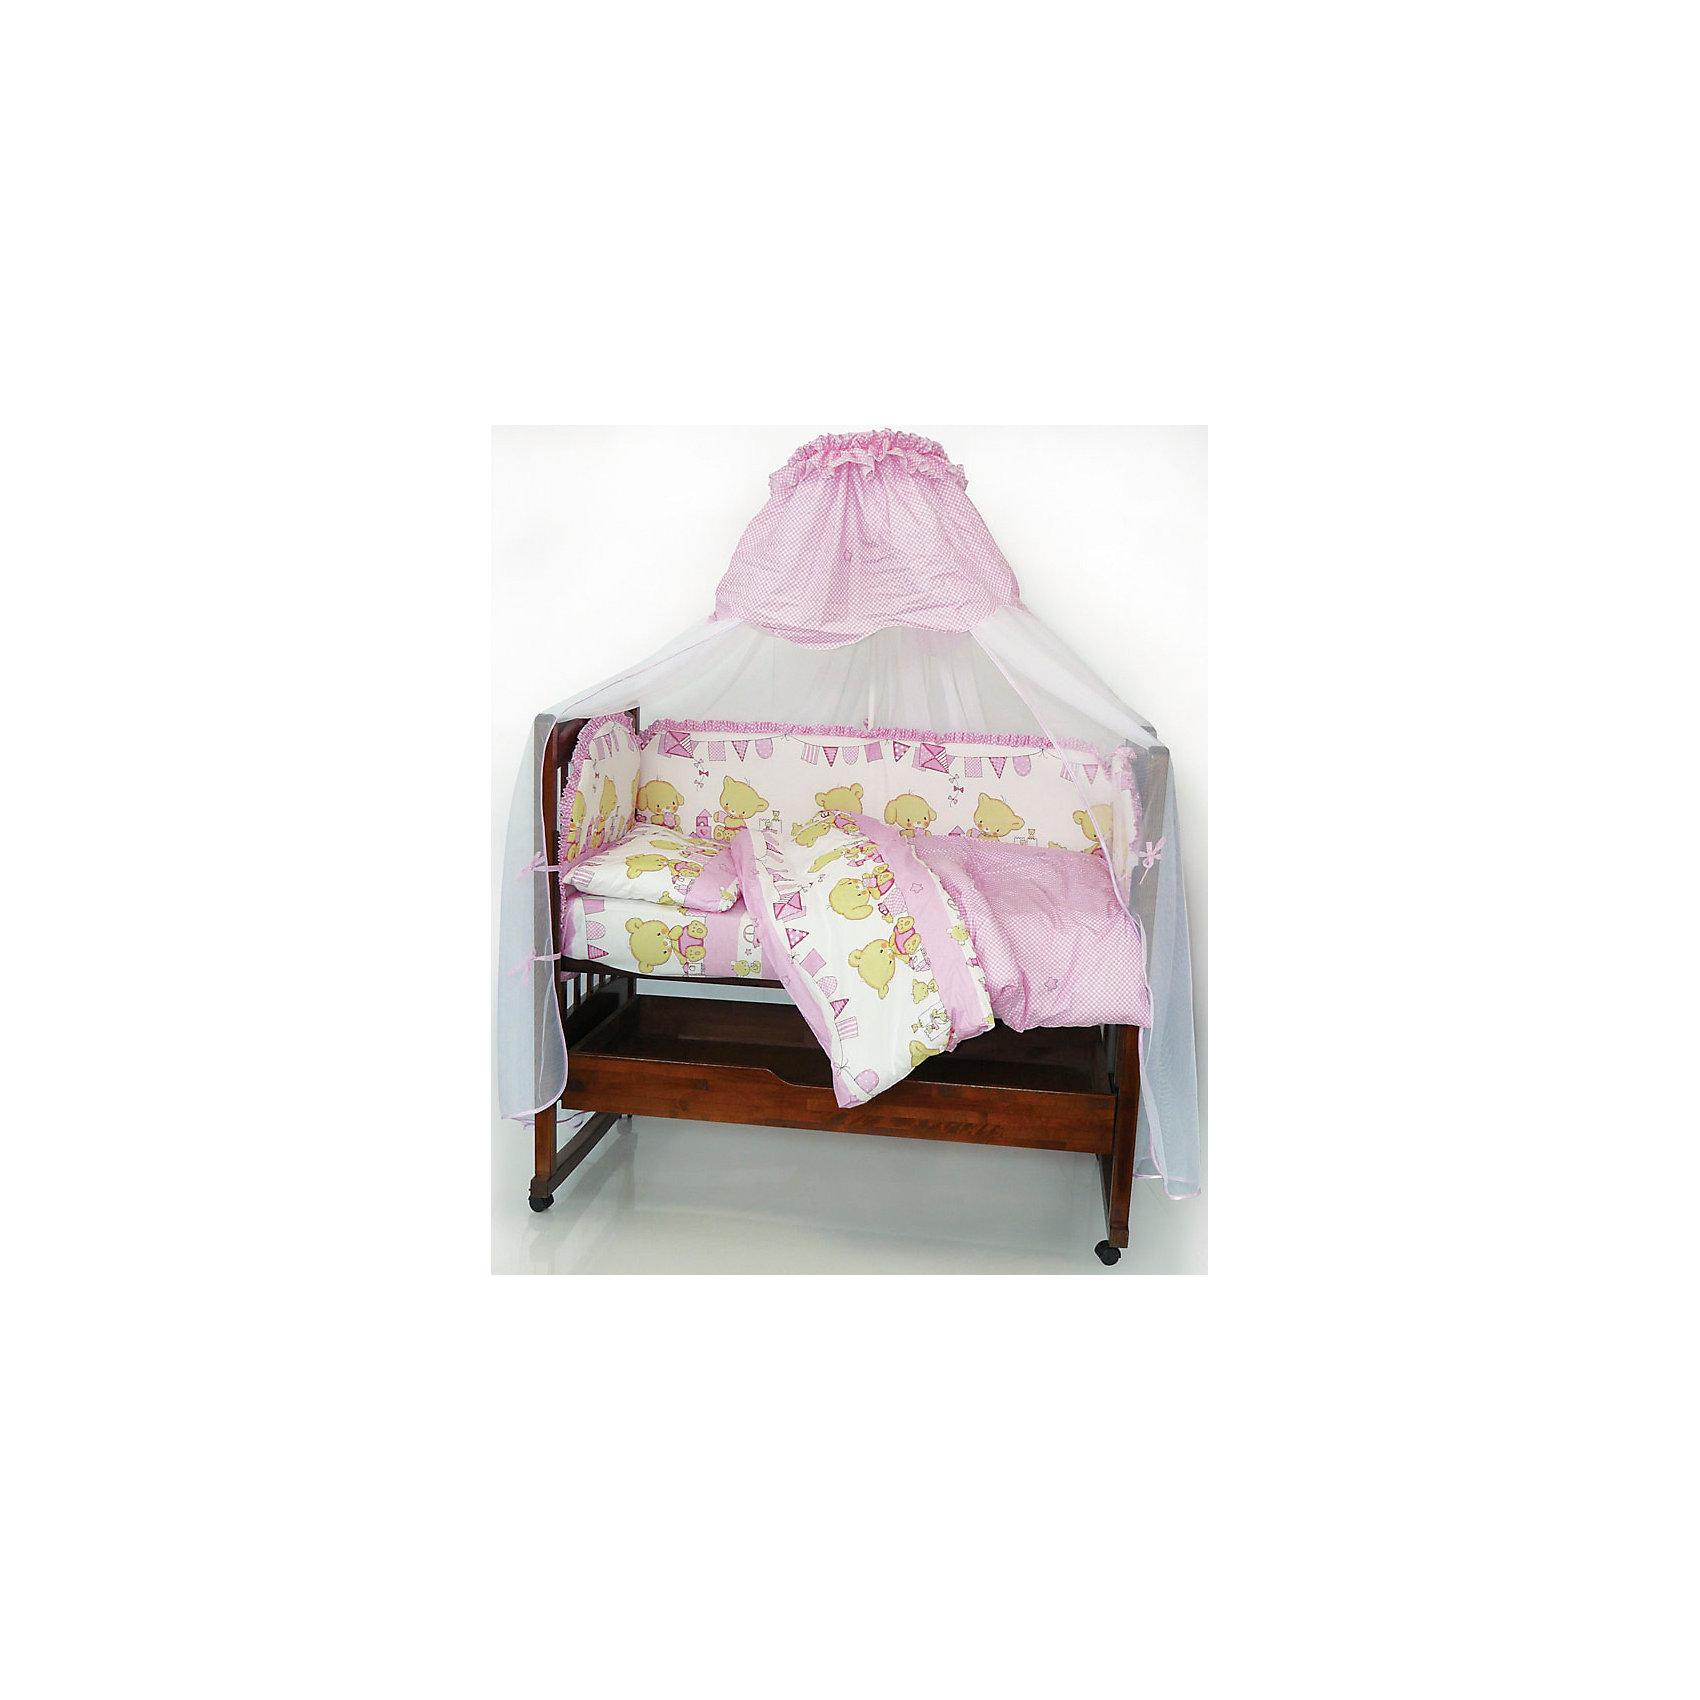 Постельное белье Звездочка, 3 пр., розовыйЭтот чудесный комплект в кроватку обеспечит комфорт и уют малышу. Простынка удобного размера  хорошо заправляется, подходит для стандартных матрасов. Милая расцветка прекрасно впишется в интерьер детской комнаты. Комплект изготовлен из натурального хлопка, приятного к телу, хорошо пропускает воздух, не выцветает, не линяет во время стирки.<br><br>Дополнительная информация:<br><br>- Комплектация: наволочка, простыня на резинке, пододеяльник.<br>- Материал: 100% хлопок.<br>- Размер: наволочка 40х60 см, пододеяльник 147х112 см., простыня 120х60 см.<br>- Цвет: розовый. <br>- Декоративные элементы: принт.<br><br>Постельное белье Звездочка, 3 пр., розовое, можно купить в нашем магазине.<br><br>Ширина мм: 250<br>Глубина мм: 200<br>Высота мм: 50<br>Вес г: 500<br>Возраст от месяцев: 0<br>Возраст до месяцев: 36<br>Пол: Женский<br>Возраст: Детский<br>SKU: 4051715